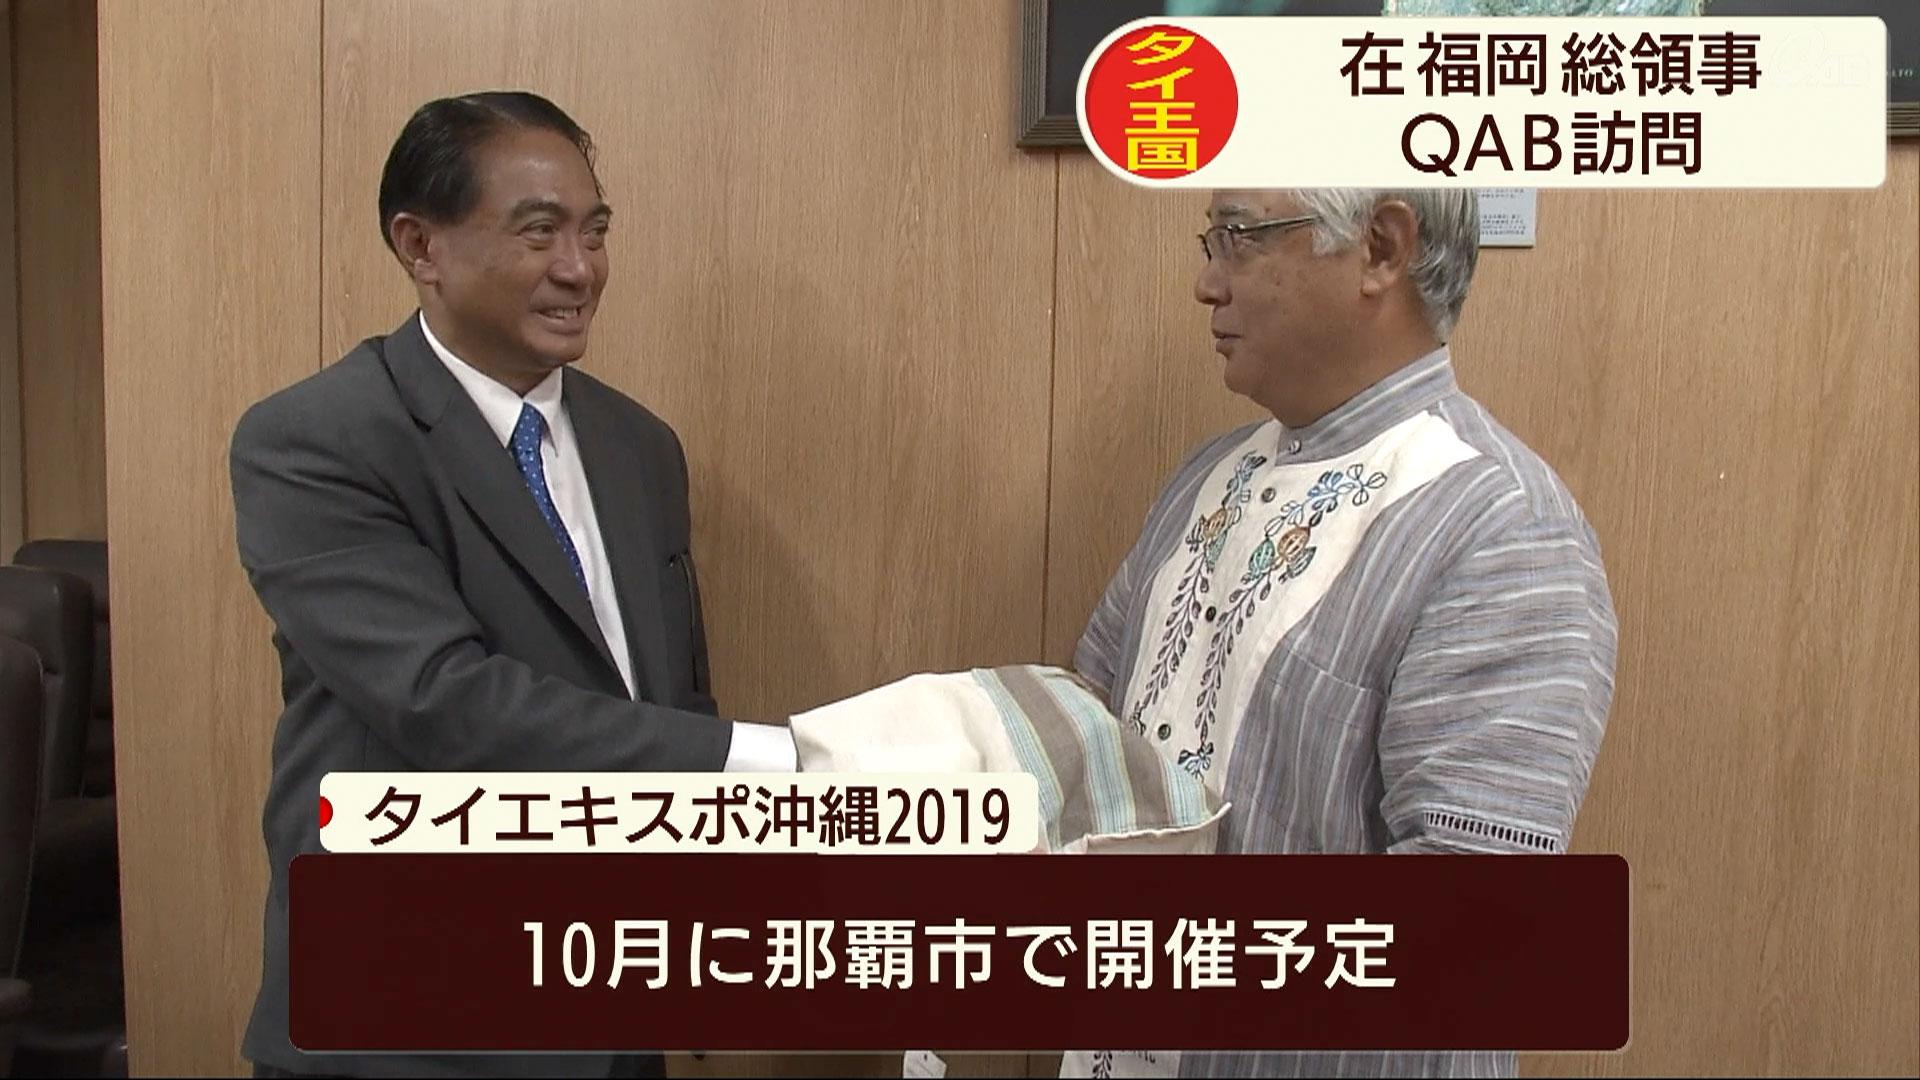 在福岡タイ王国総領事 QAB訪問